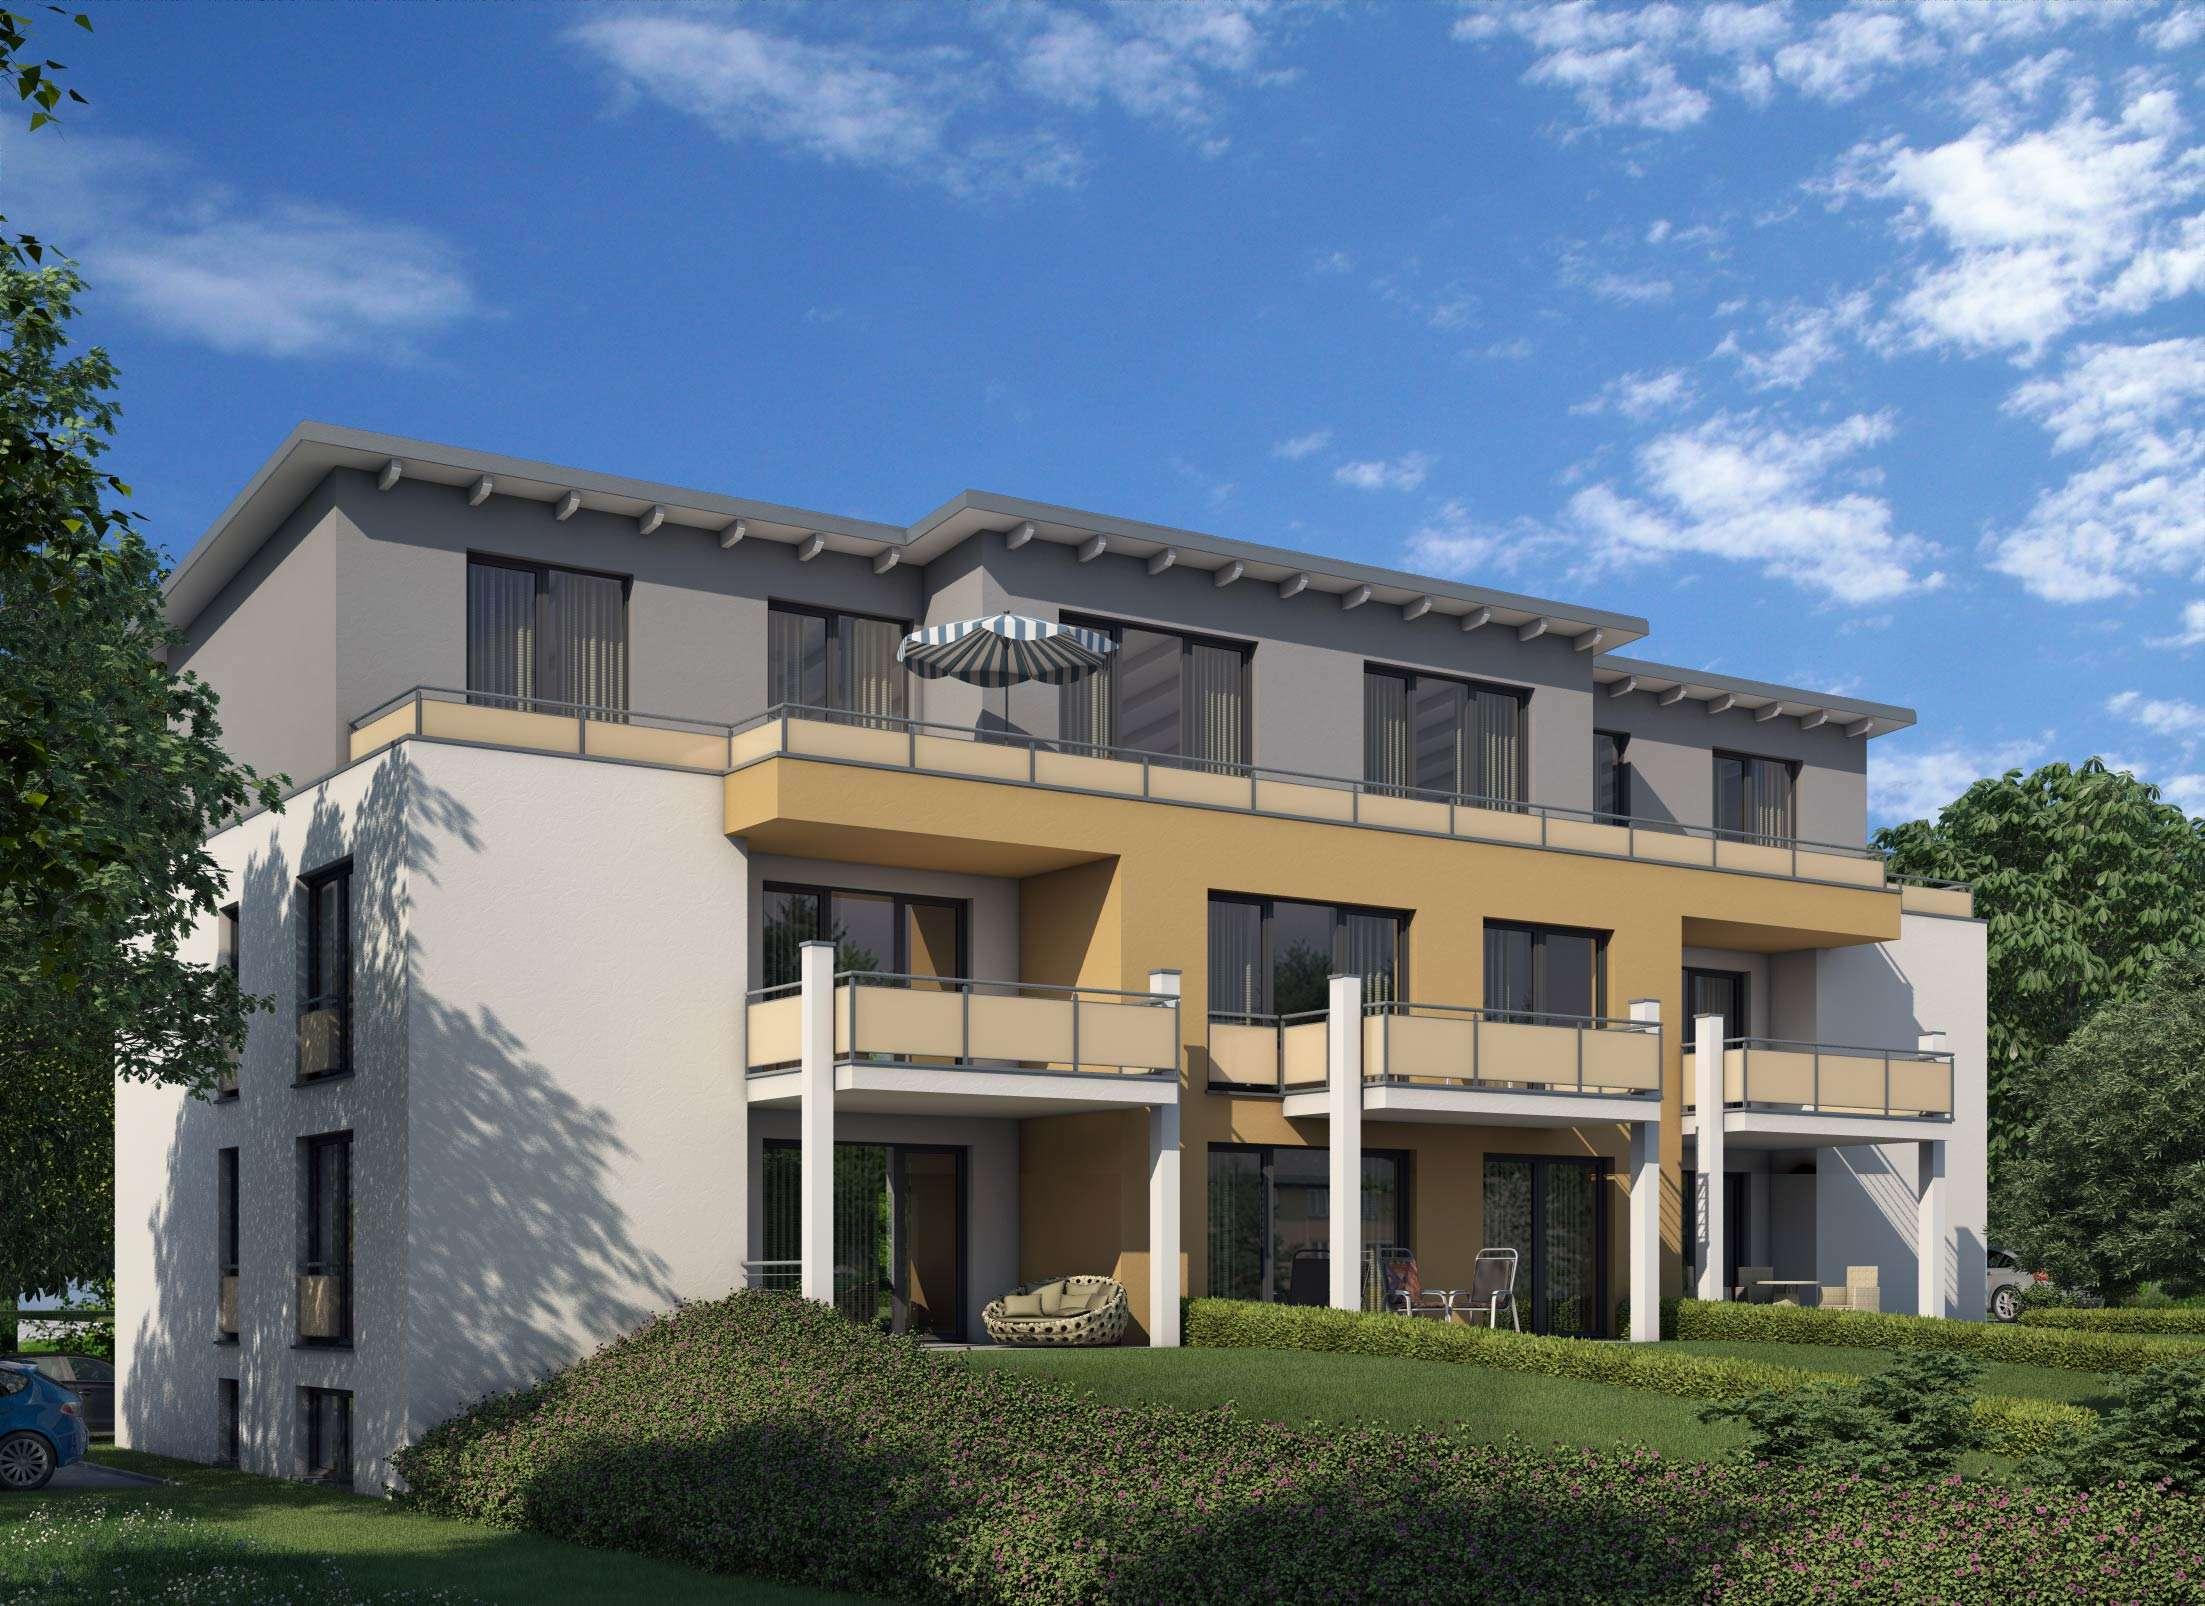 Neuwertige barrierefreie 3-Zimmer-Penthouse-Wohnung mit 2 Terrassen in Alzenau-Hörstein